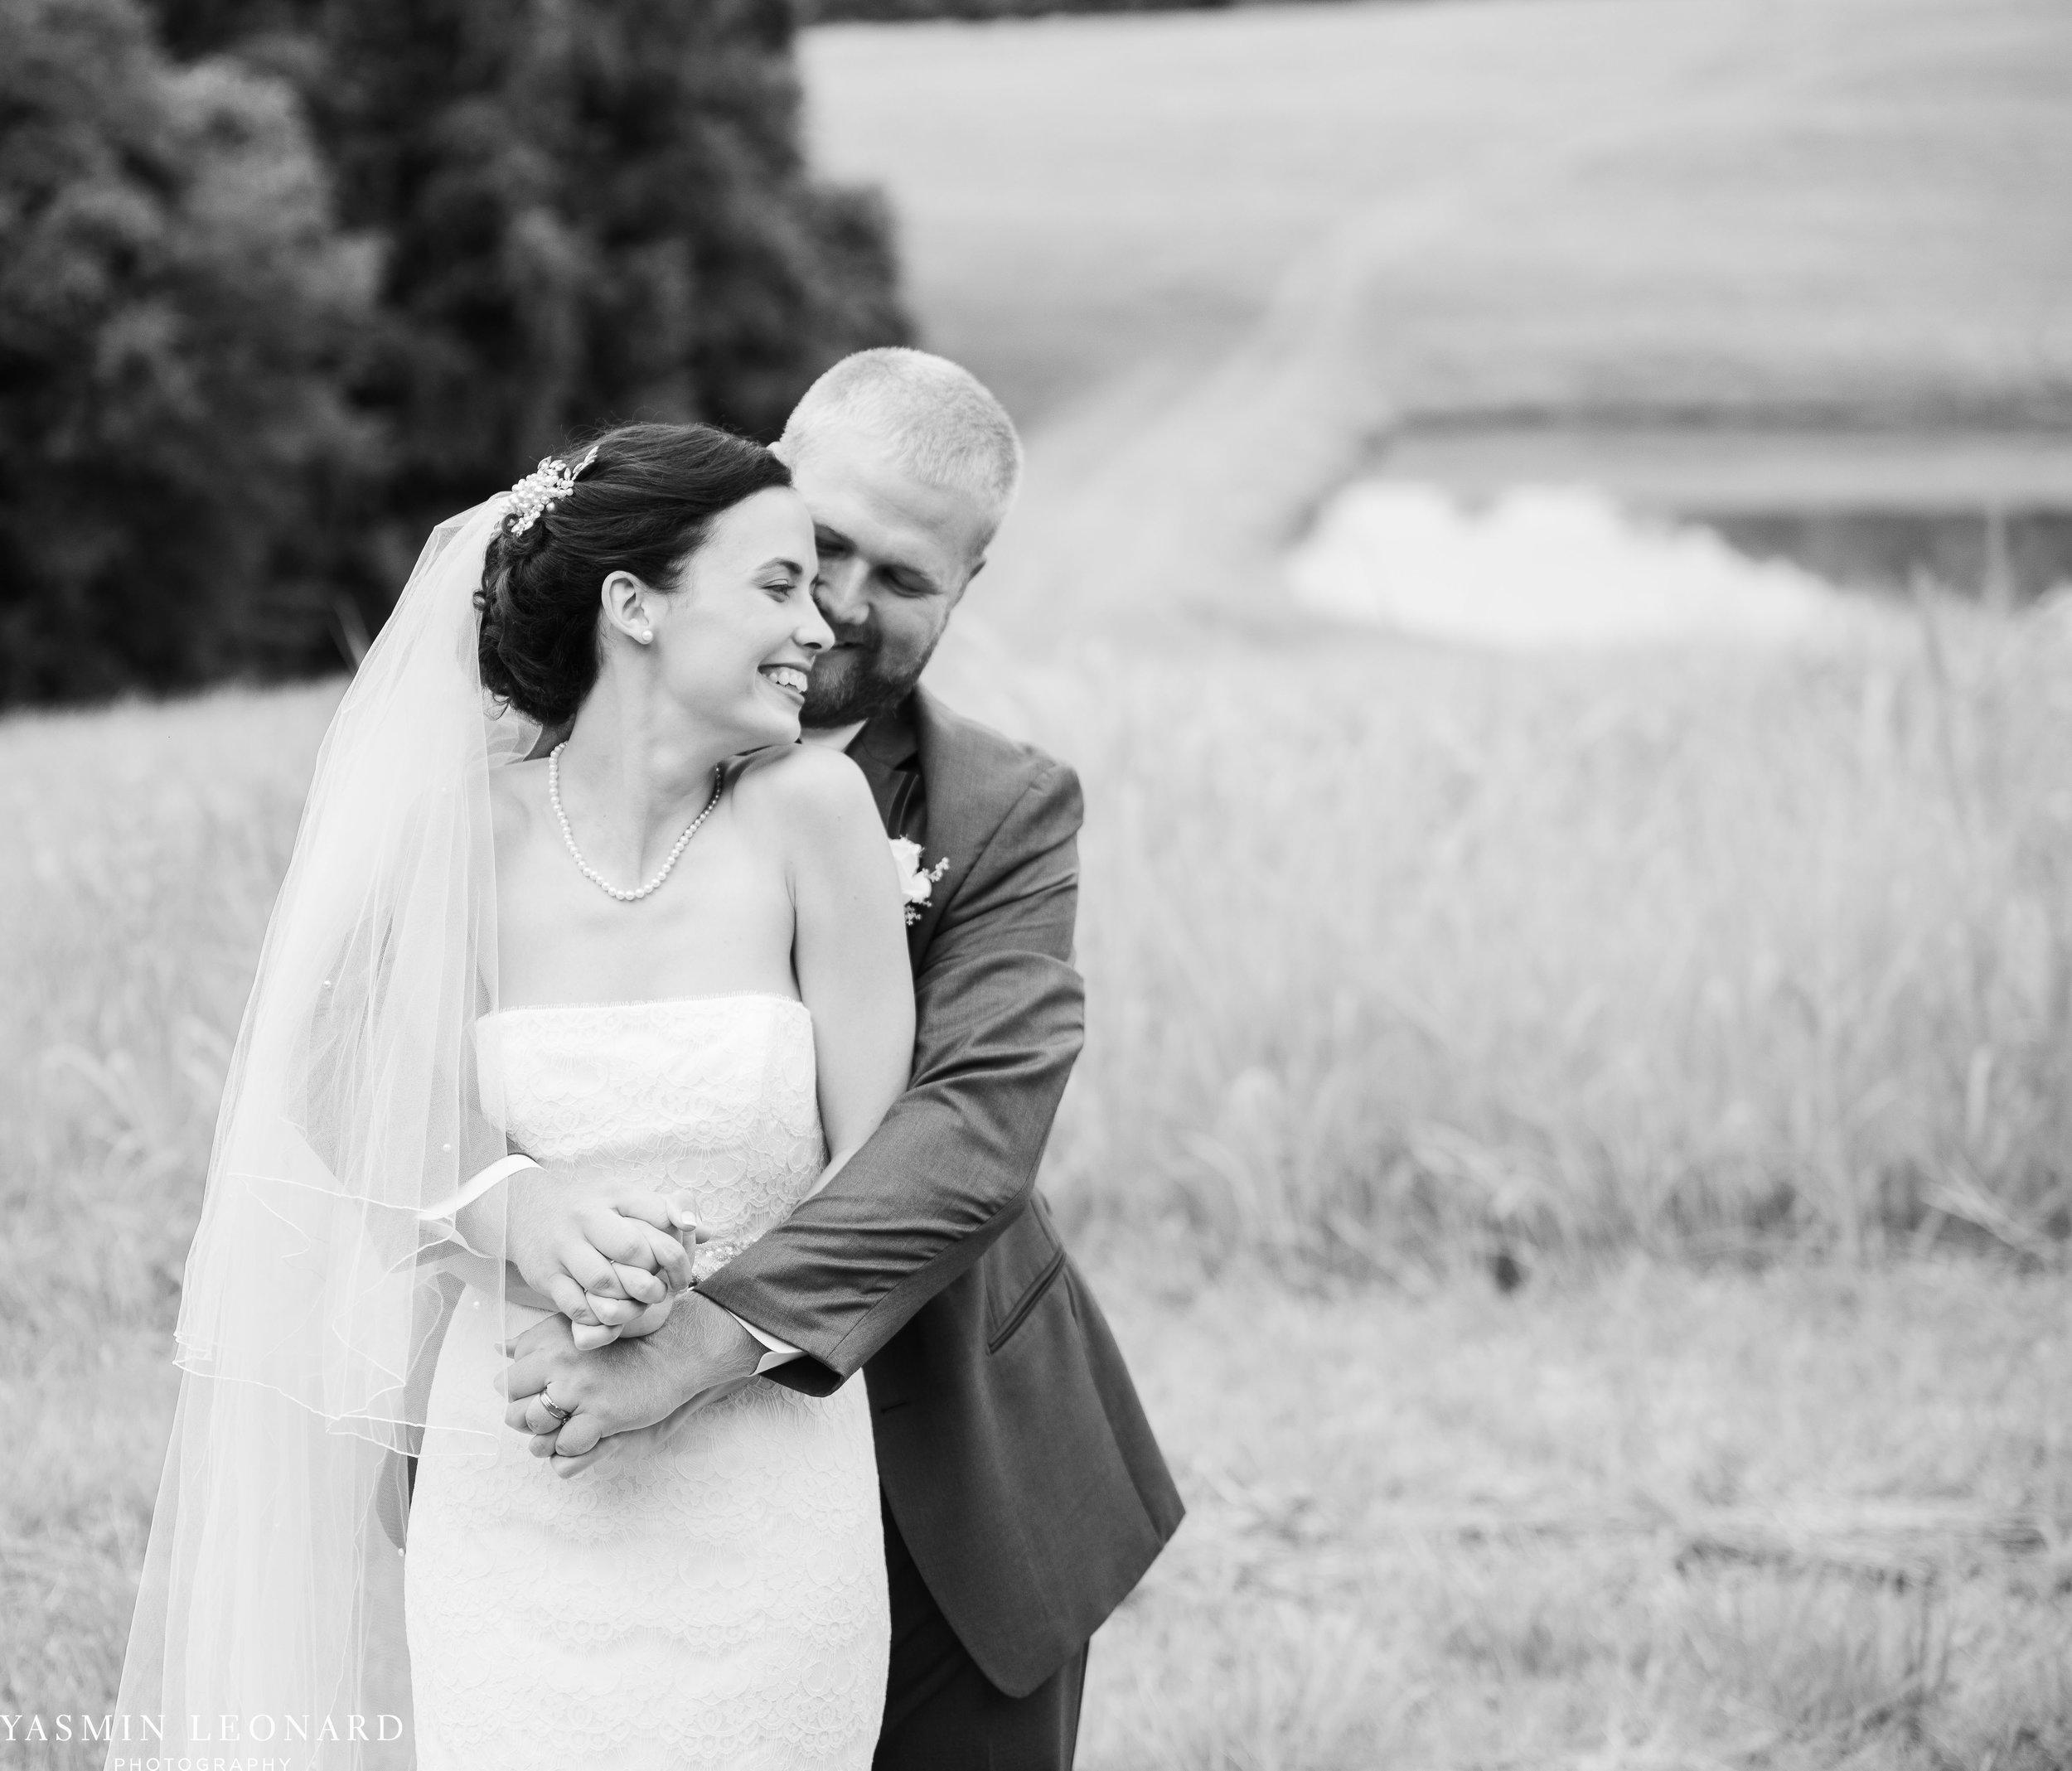 Mt. Pleasant Church - Church Wedding - Traditional Wedding - Church Ceremony - Country Wedding - Godly Wedding - NC Wedding Photographer - High Point Weddings - Triad Weddings - NC Venues-31.jpg